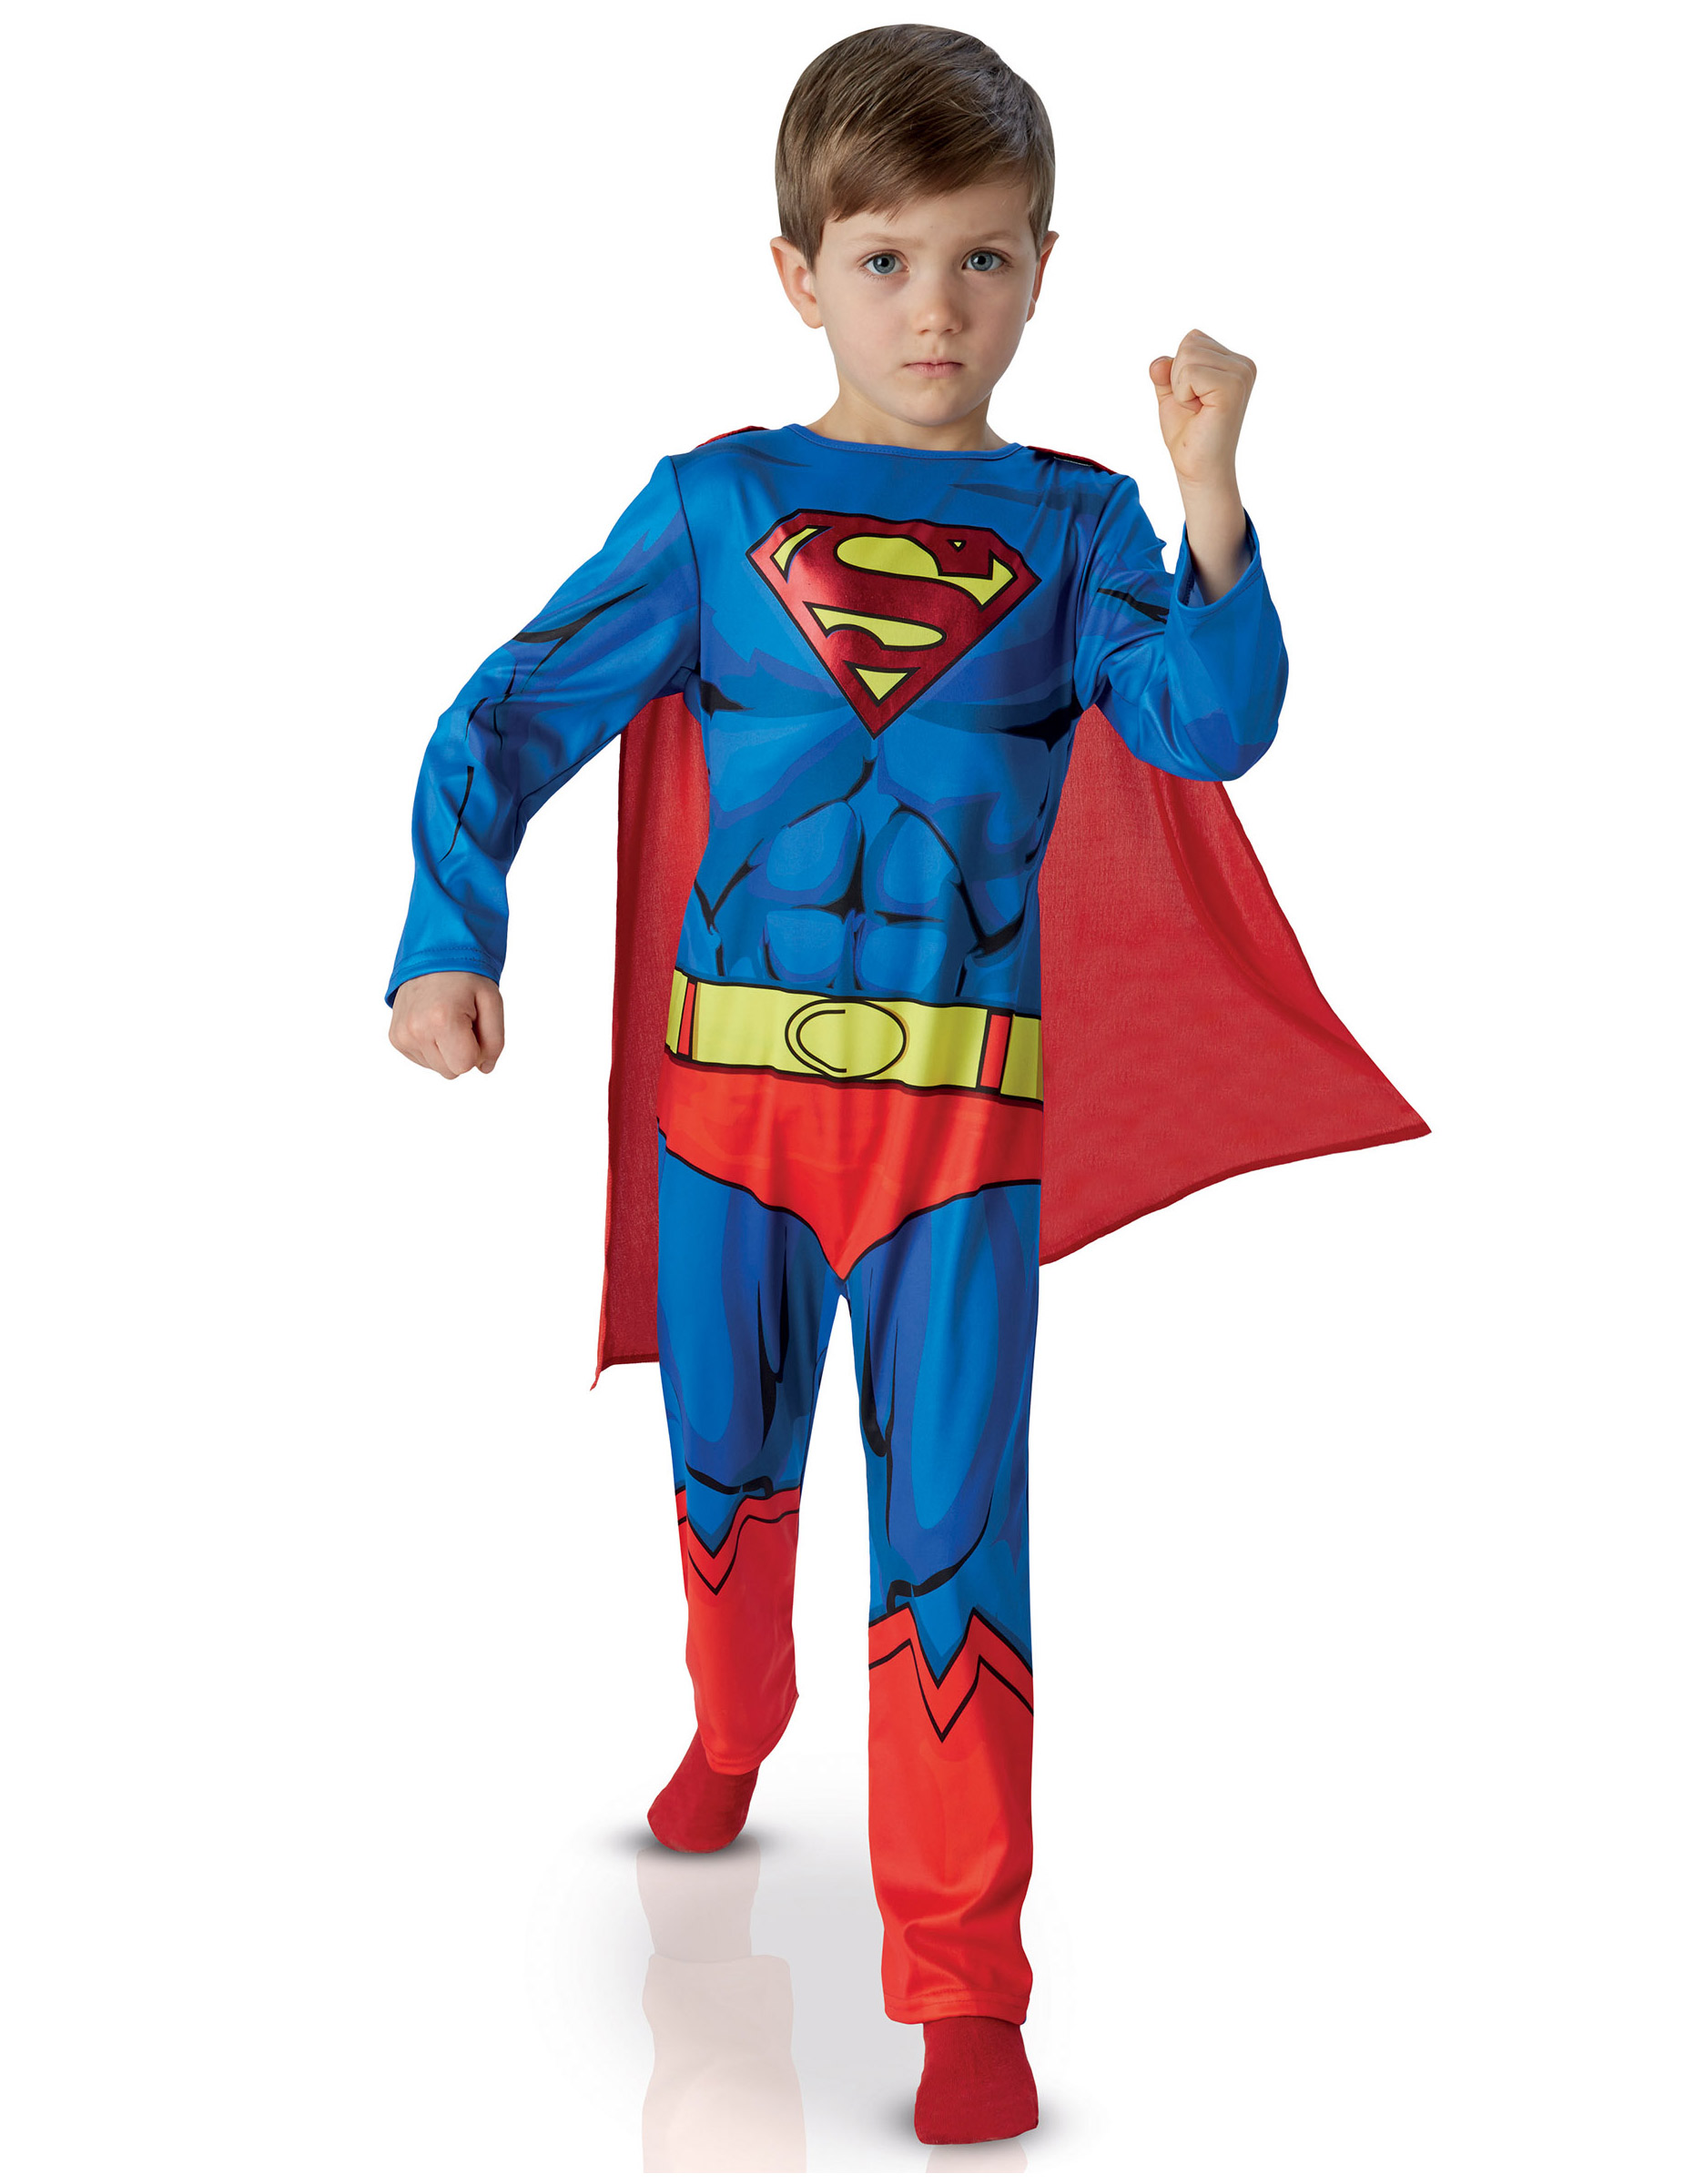 comic verkleidung superman f r kinder kost me f r kinder. Black Bedroom Furniture Sets. Home Design Ideas